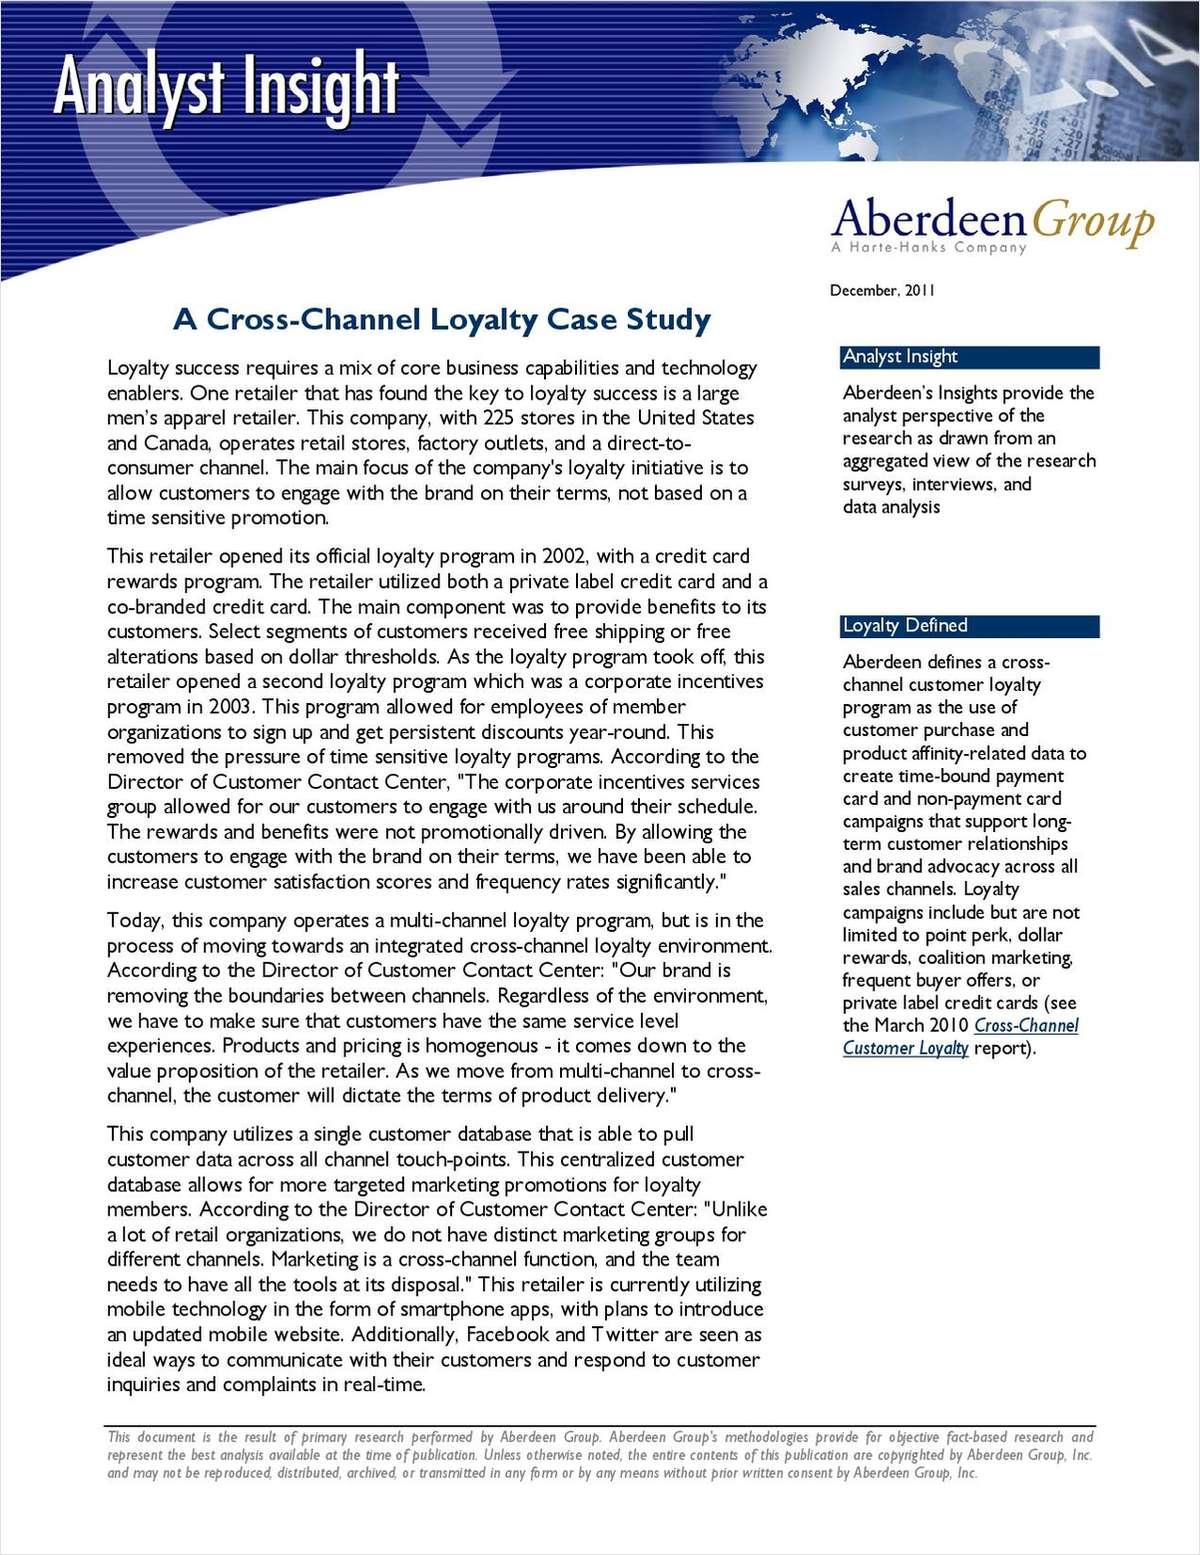 A Cross-Channel Loyalty Case Study